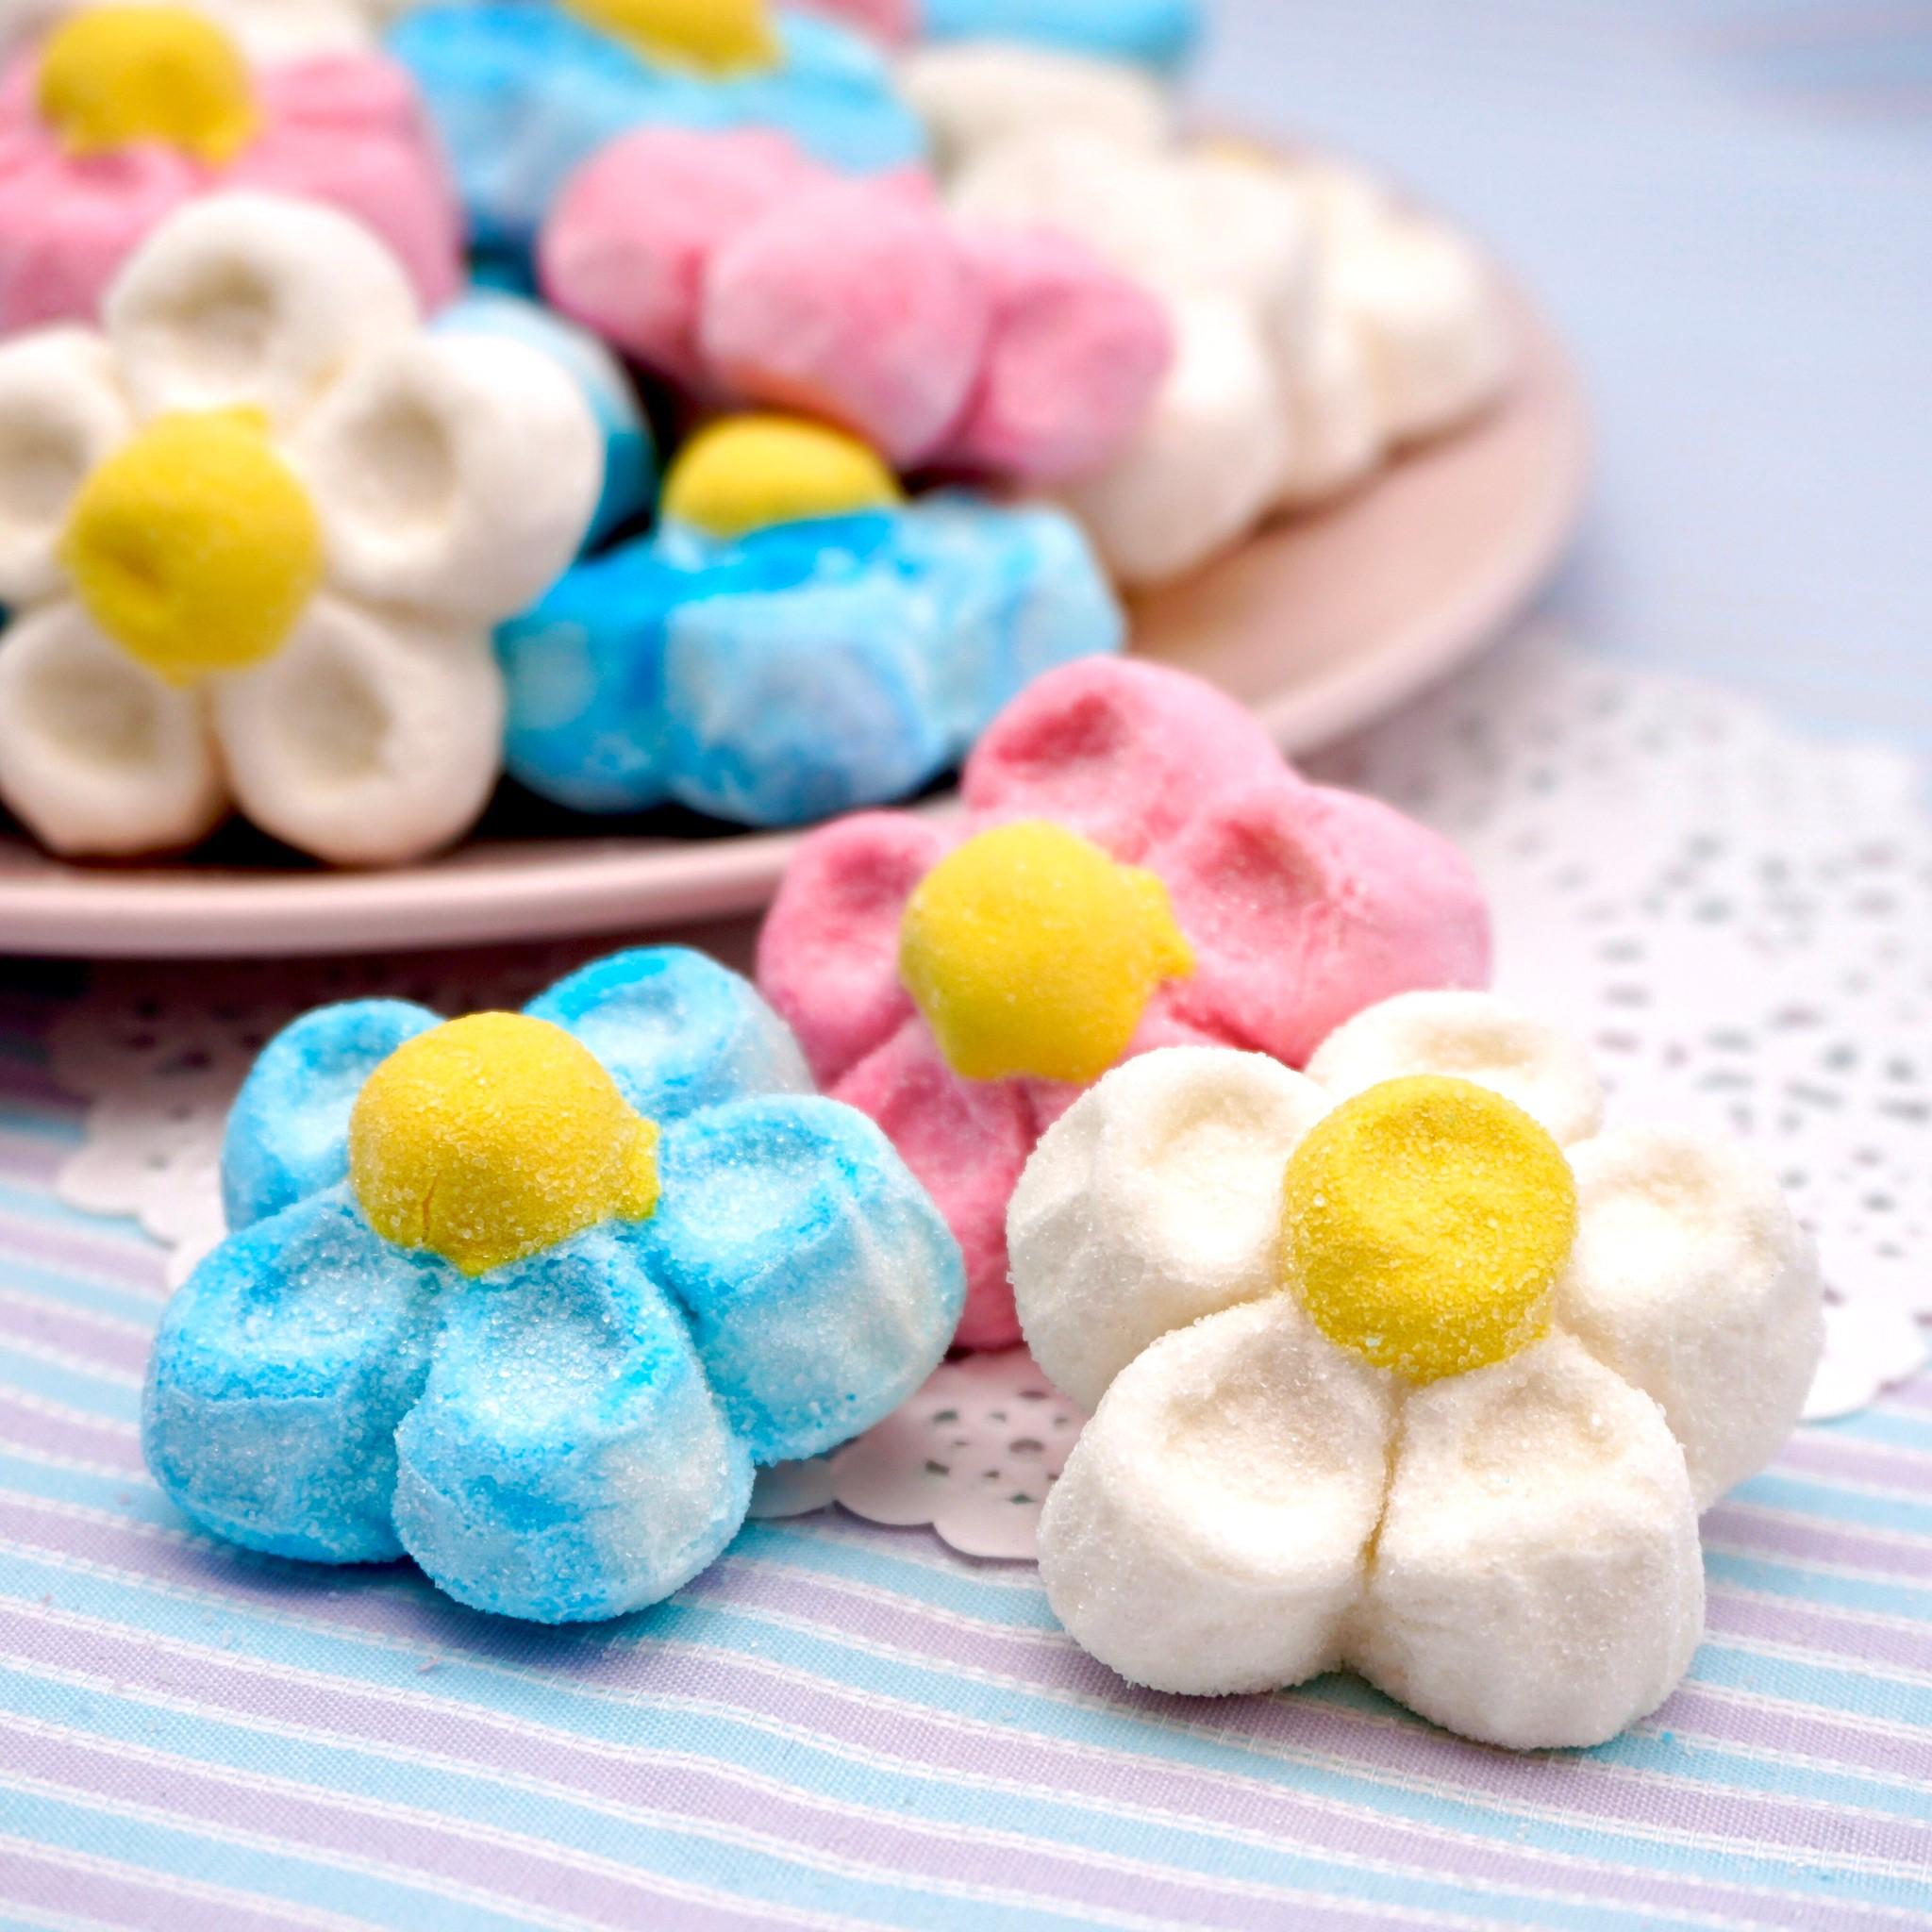 嘴甜甜 寶格麗小花棉花糖 200公克 棉花糖系列 三色小花 棉花糖 義大利 寶格麗 香蕉 草莓 香菇 小花 冰淇淋 現貨